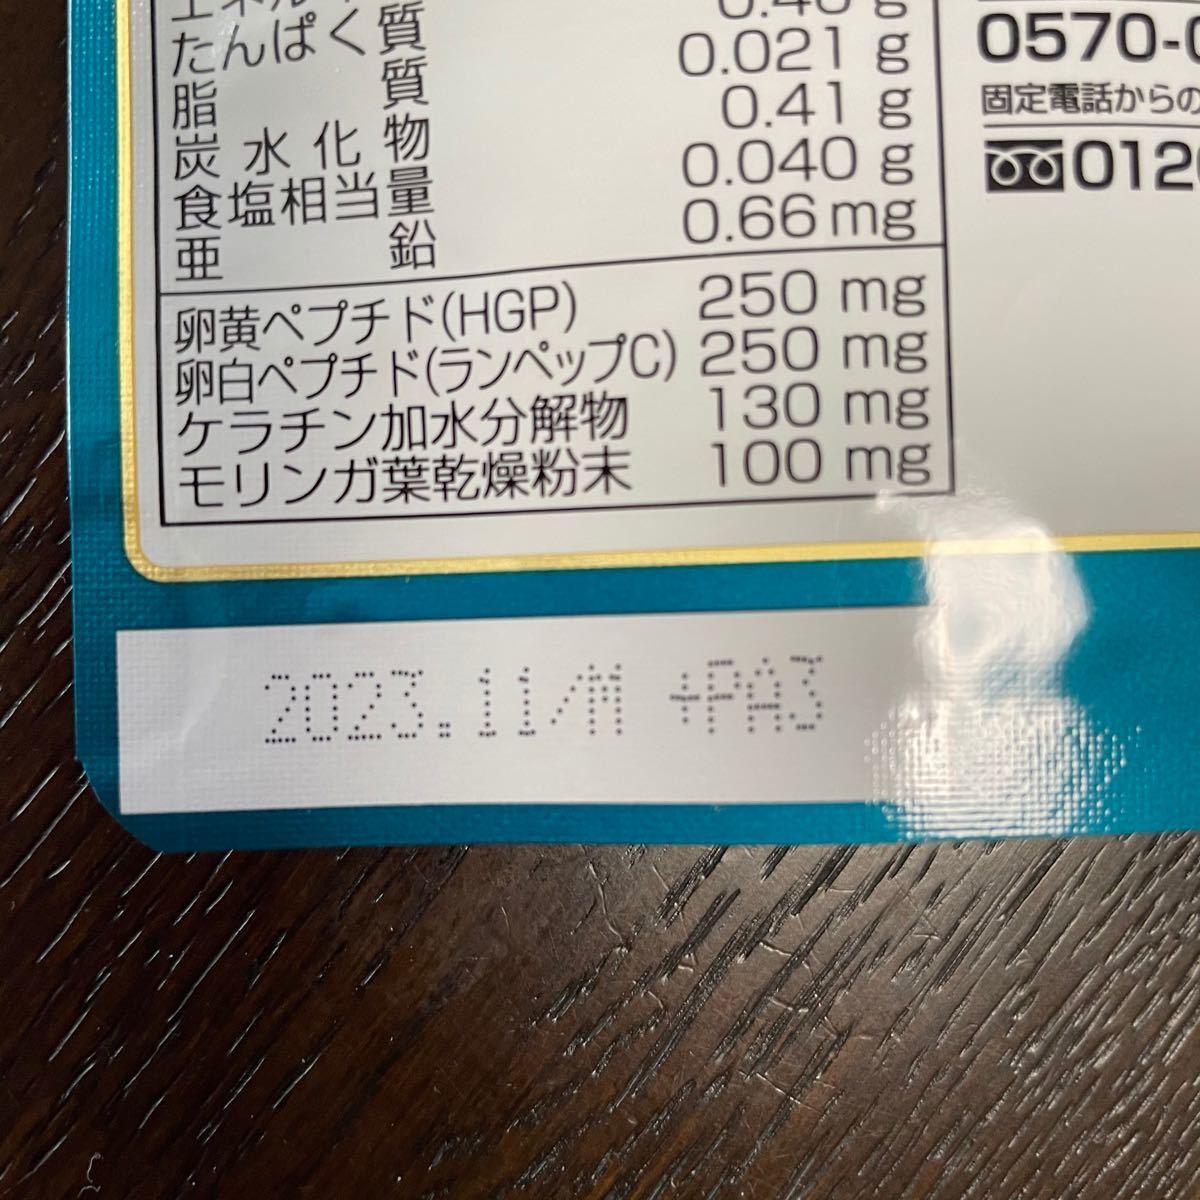 ☆話題の育毛☆HGP配合☆ニューモ サプリメント☆